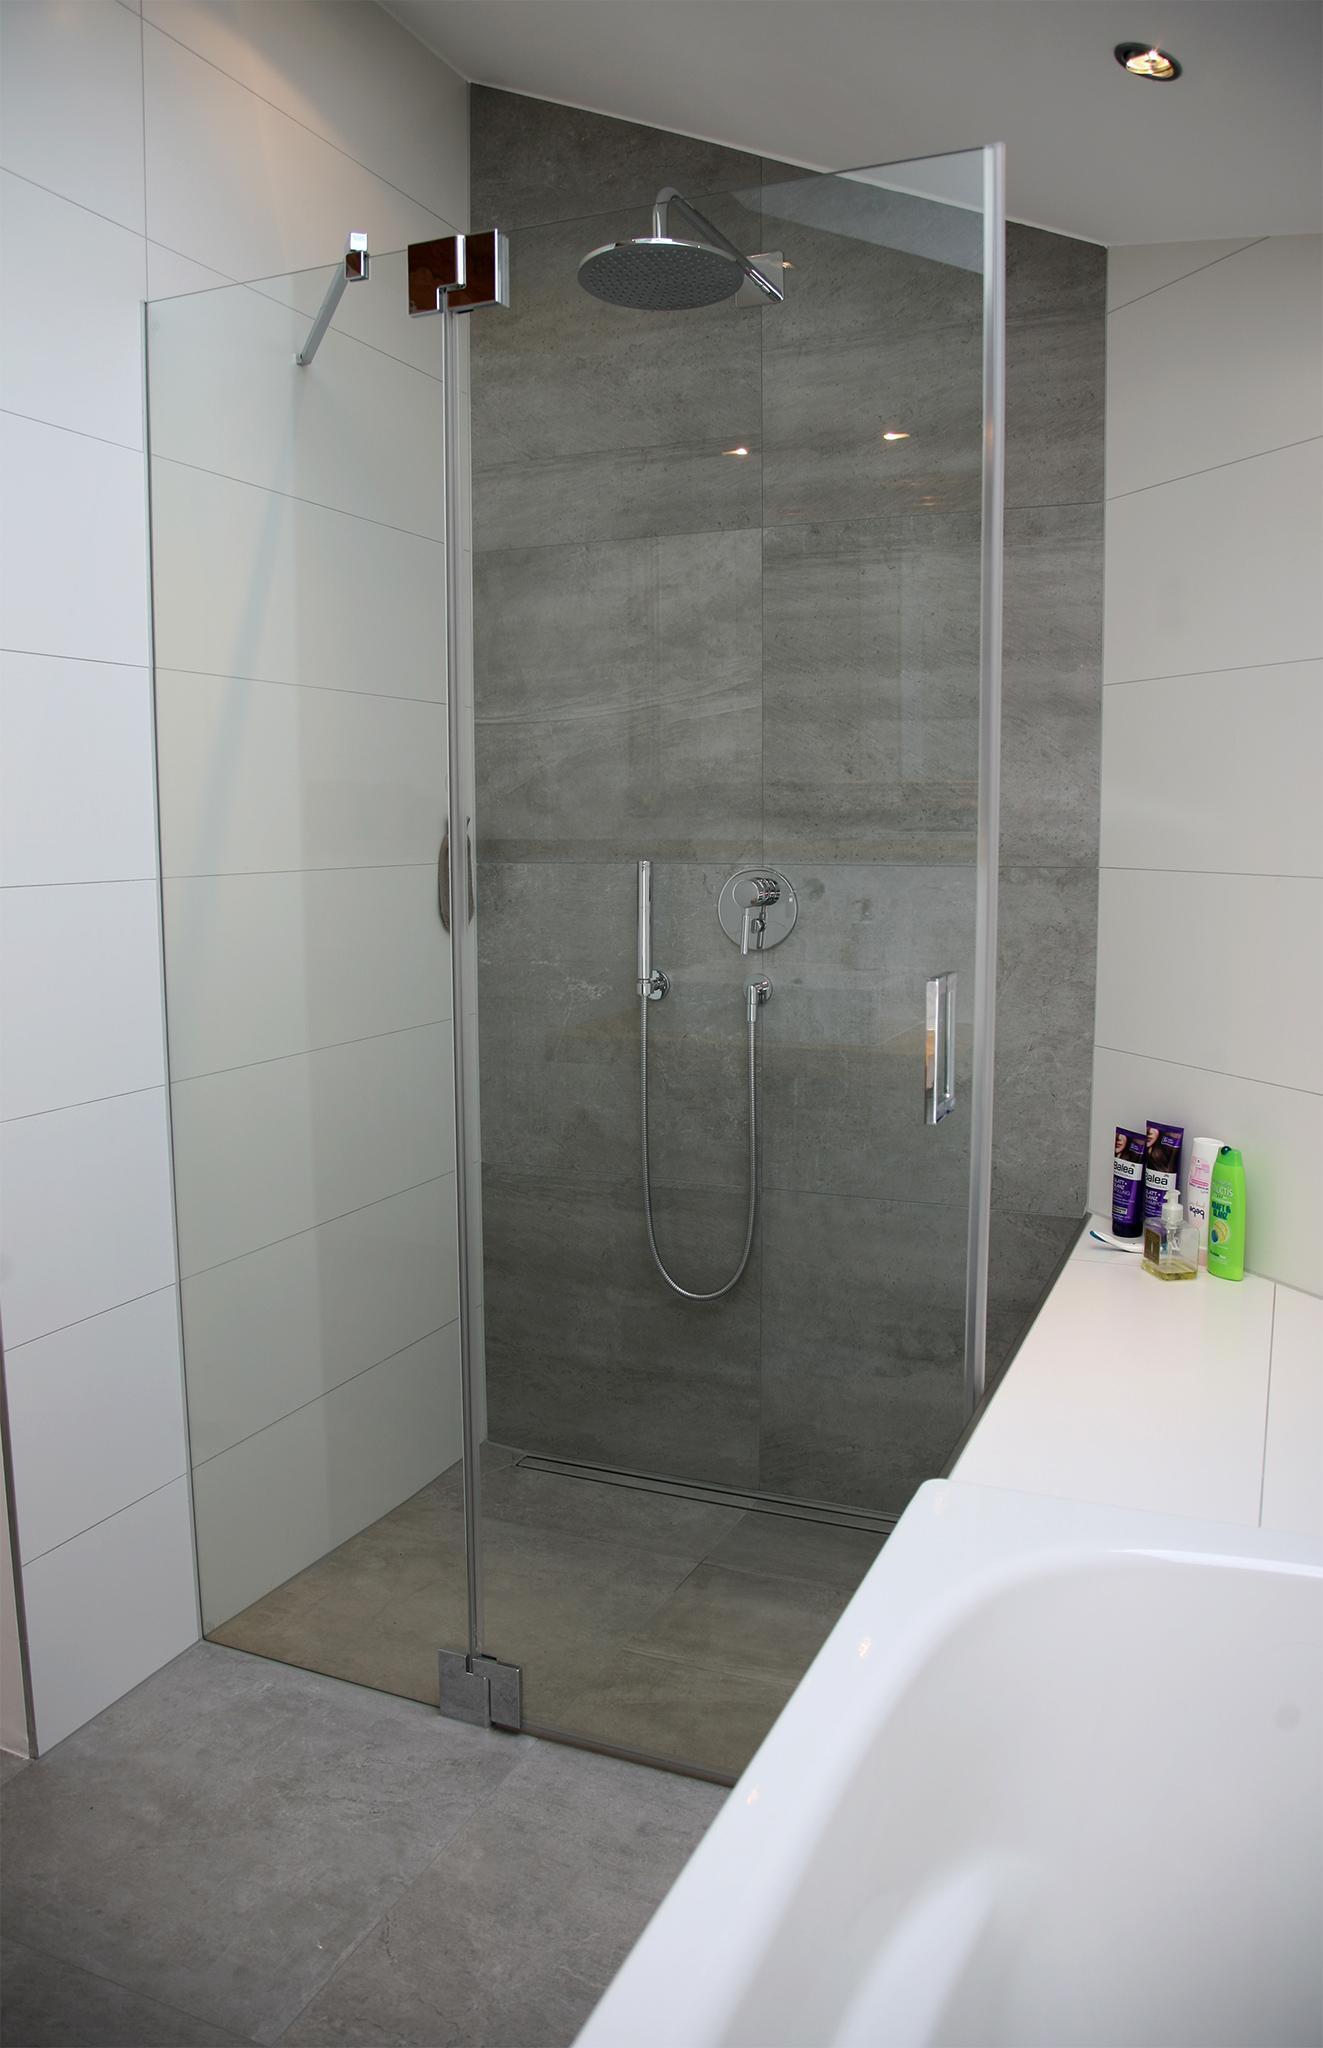 Wunderbar Dusche In Dachschräge Sammlung Von Komfortabel: Die Bodenebene #dachschräge #che #offenesbadezimmer ©heimwohl